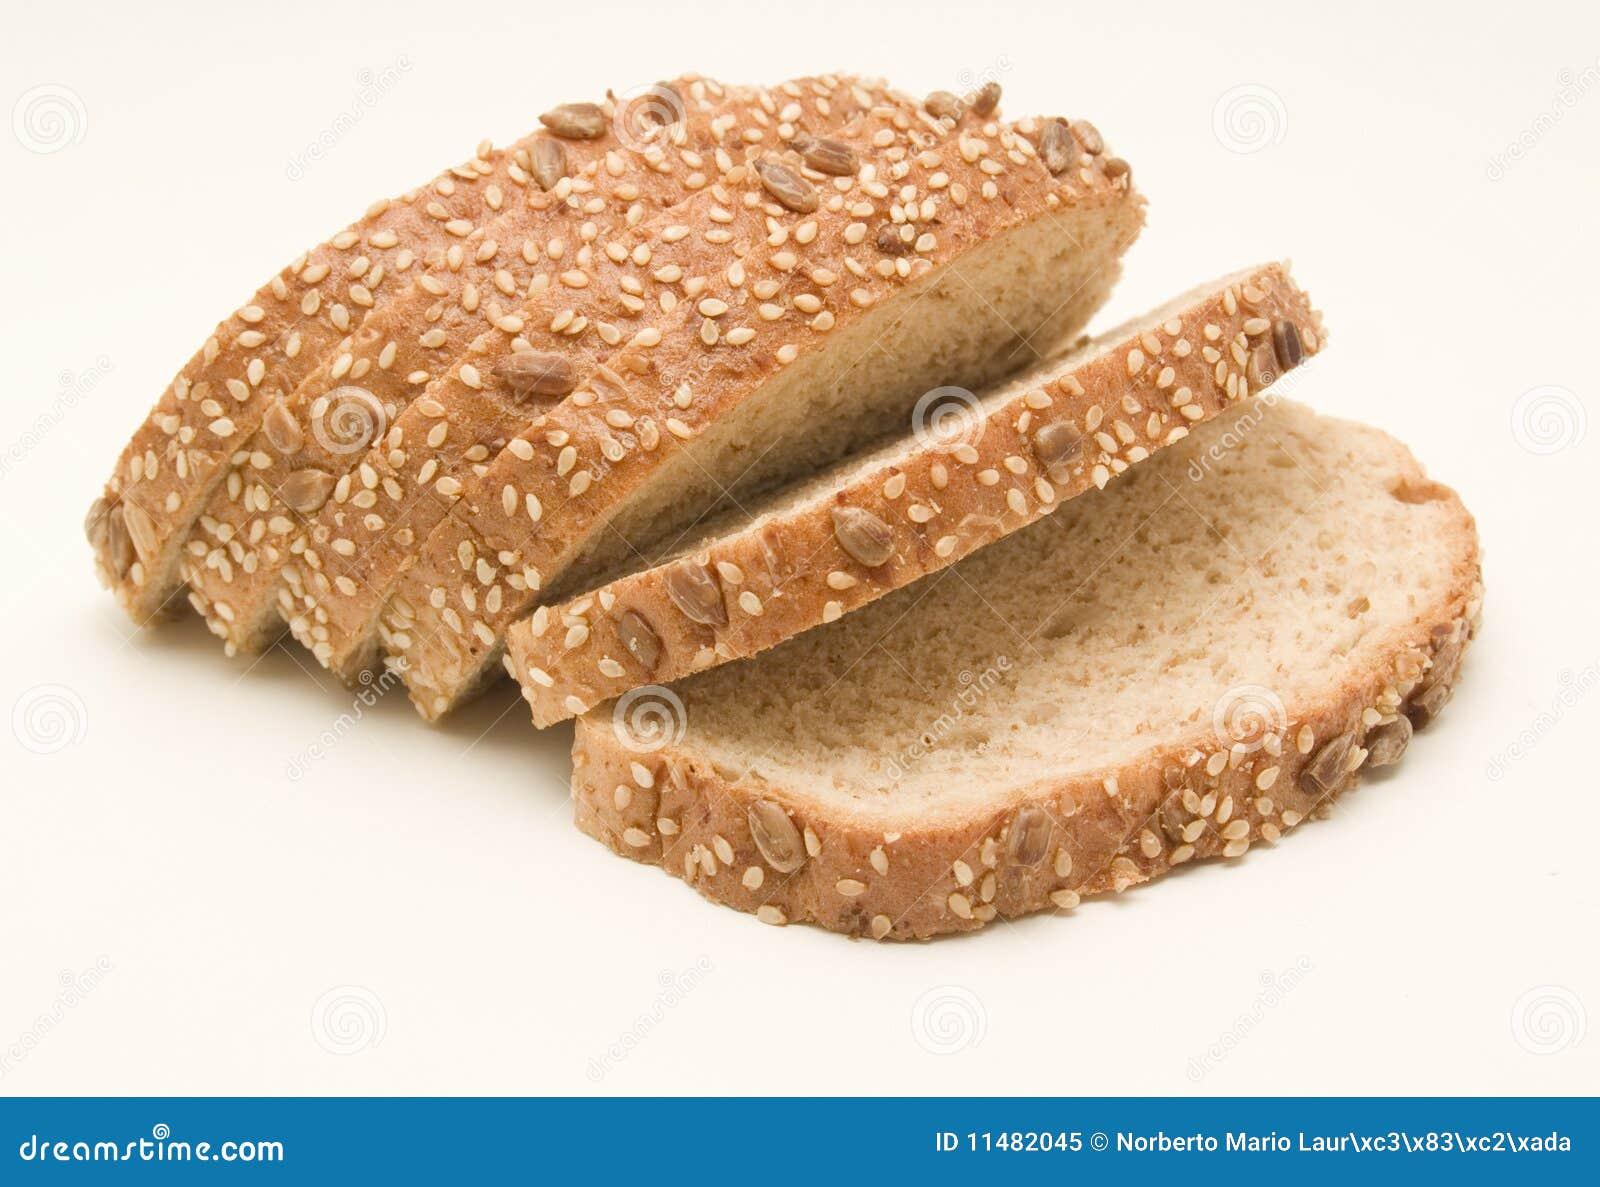 pan negro ¿sabes que el pan negro engorda menos que el blancopara nosotras mujeres es un dato muy importante porque nos ayuda a estar en línea y entregar más salud a nuestro organismo si después el pan negro lo cocinamos nosotros se va a añadir un toque de calidad y de sabor.